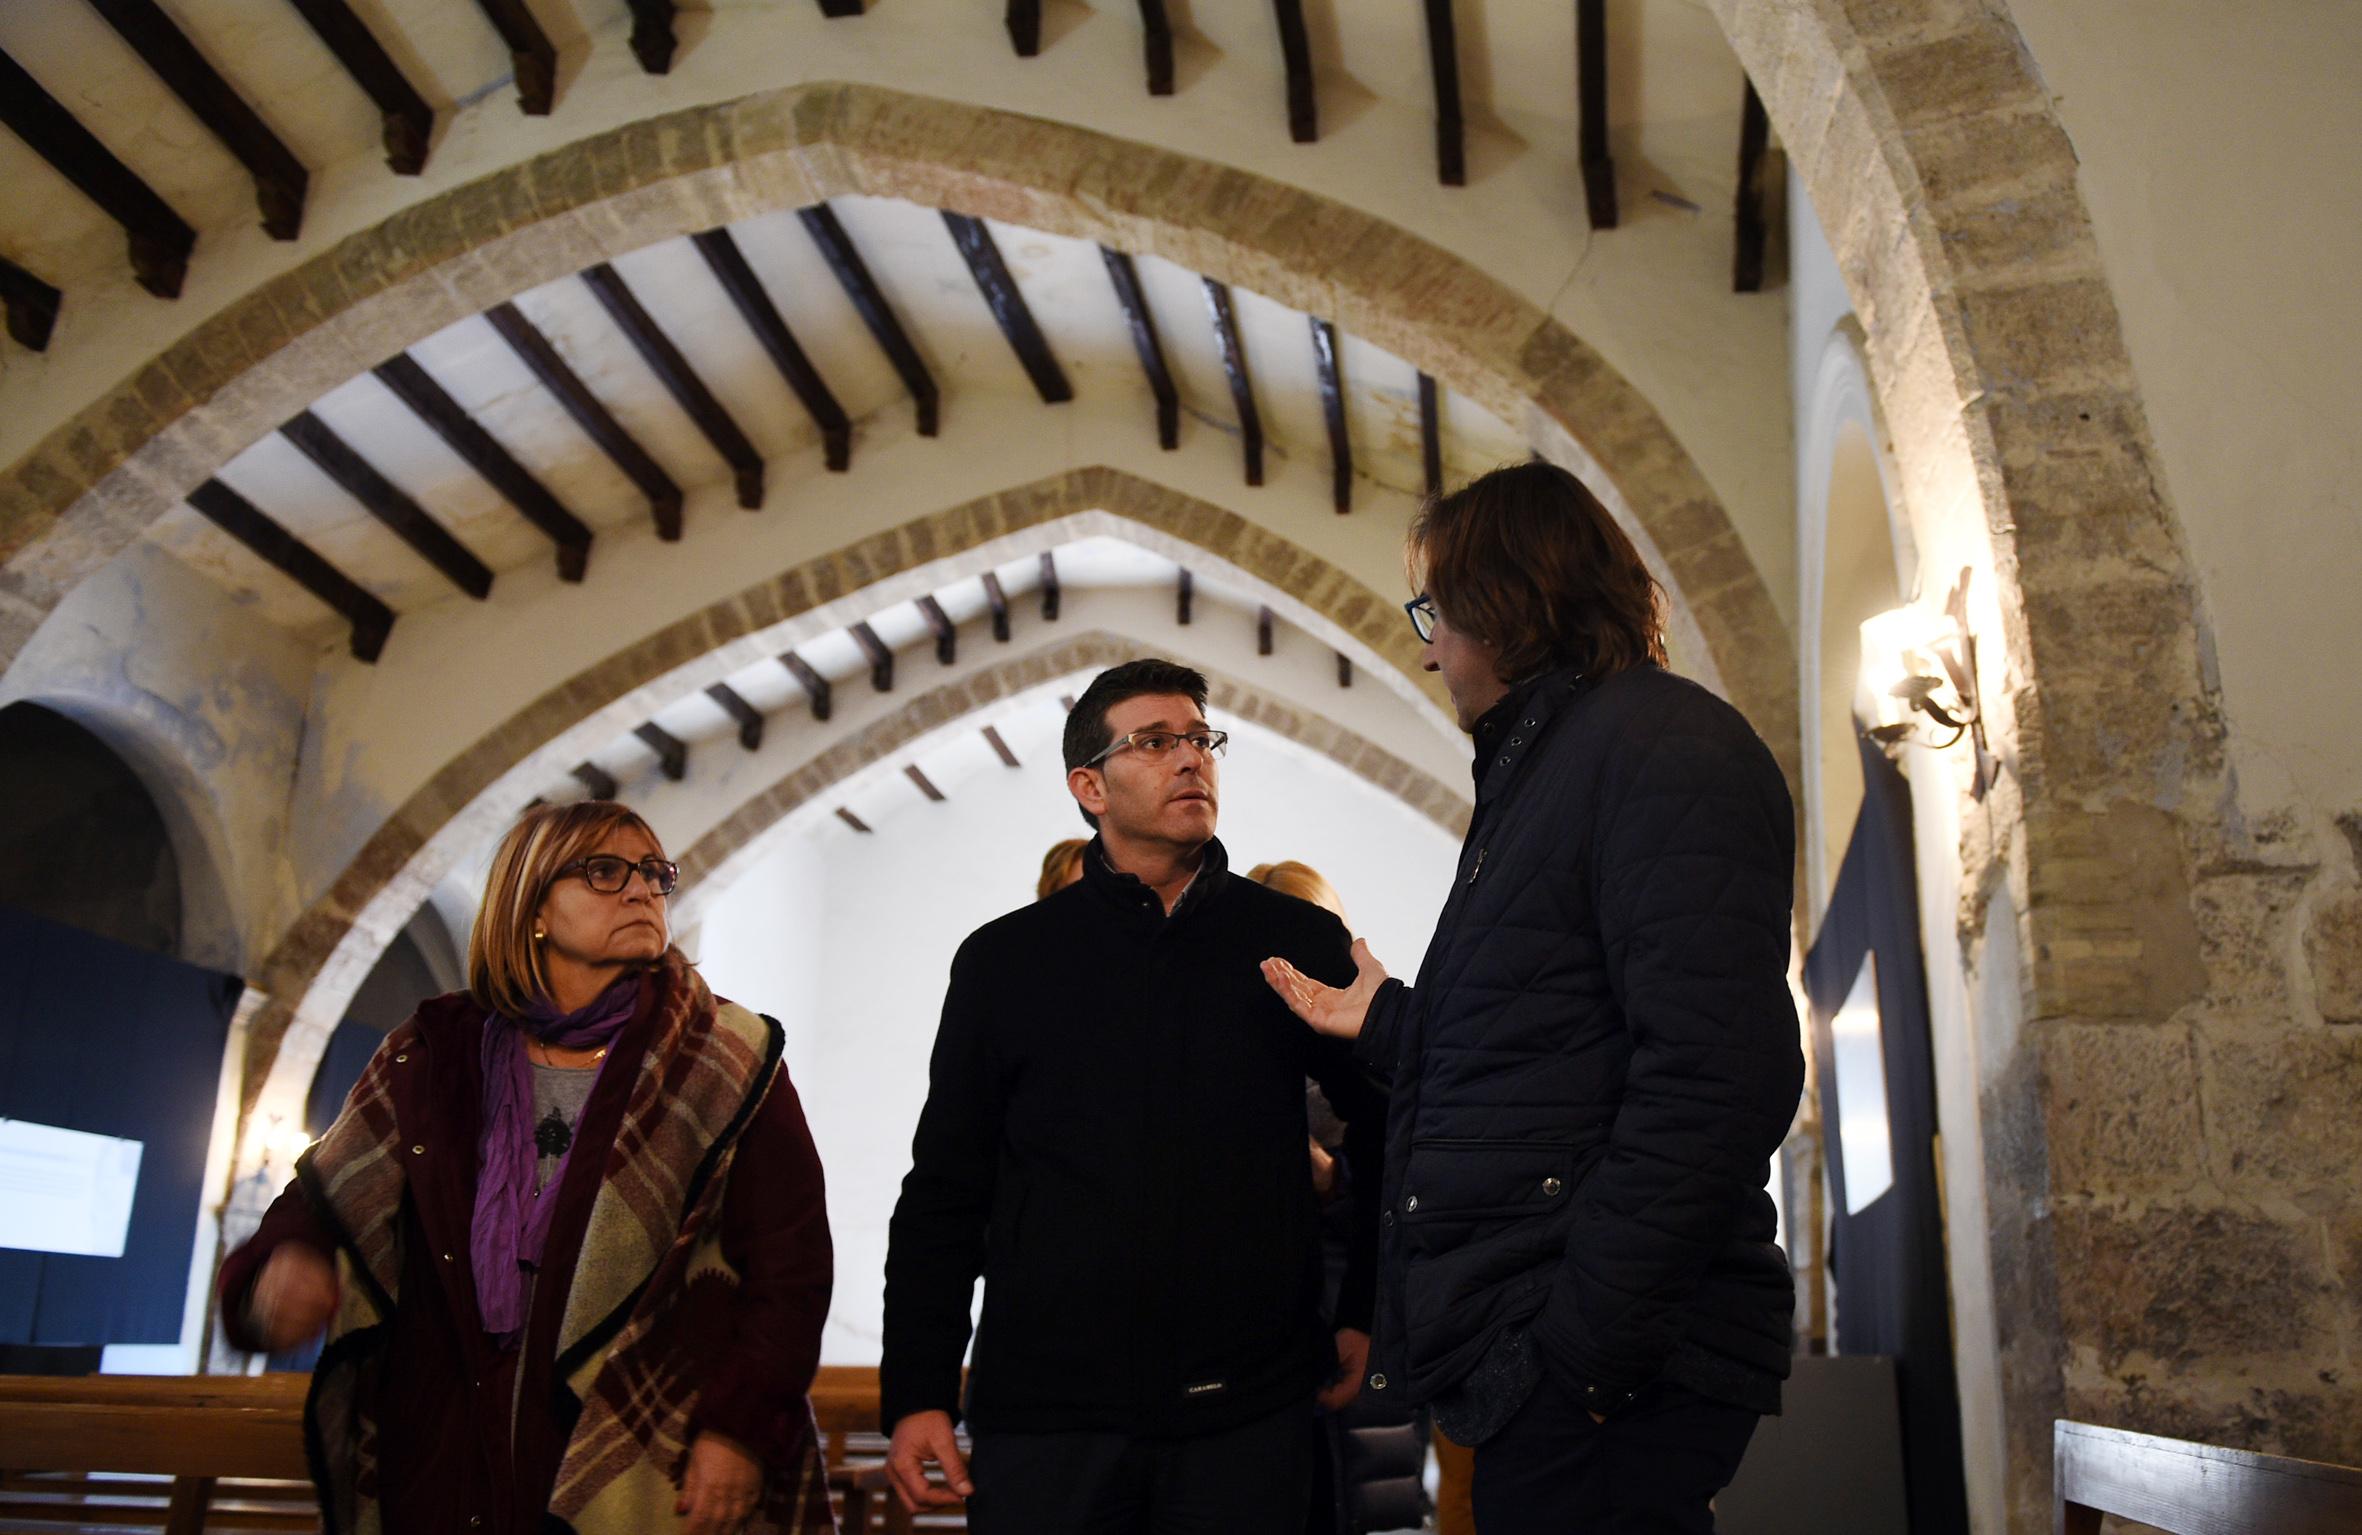 El presidente, Jorge Rodríguez, ha visitado la comarca para explicar las inversiones de este año, con más de 3 millones de euros que permitirán desarrollar acciones concretas en 7 municipios.